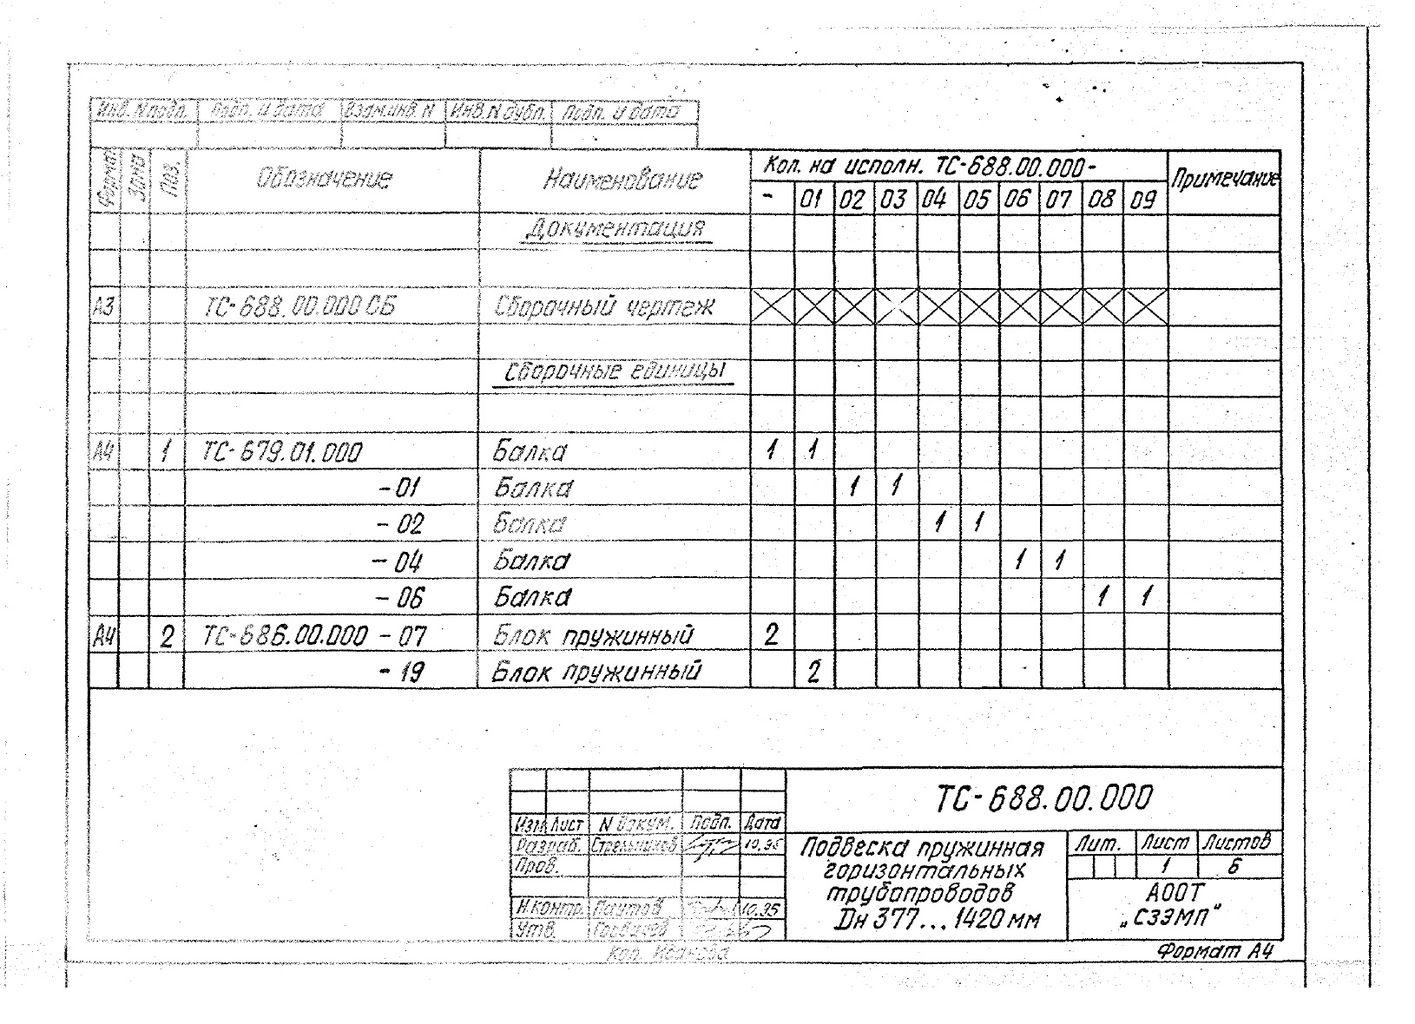 Подвески пружинные для горизонтальных трубопроводов Дн 377-1420 мм ТС-688.00.000 СБ серия 5.903-13 выпуск 6-95 стр.3